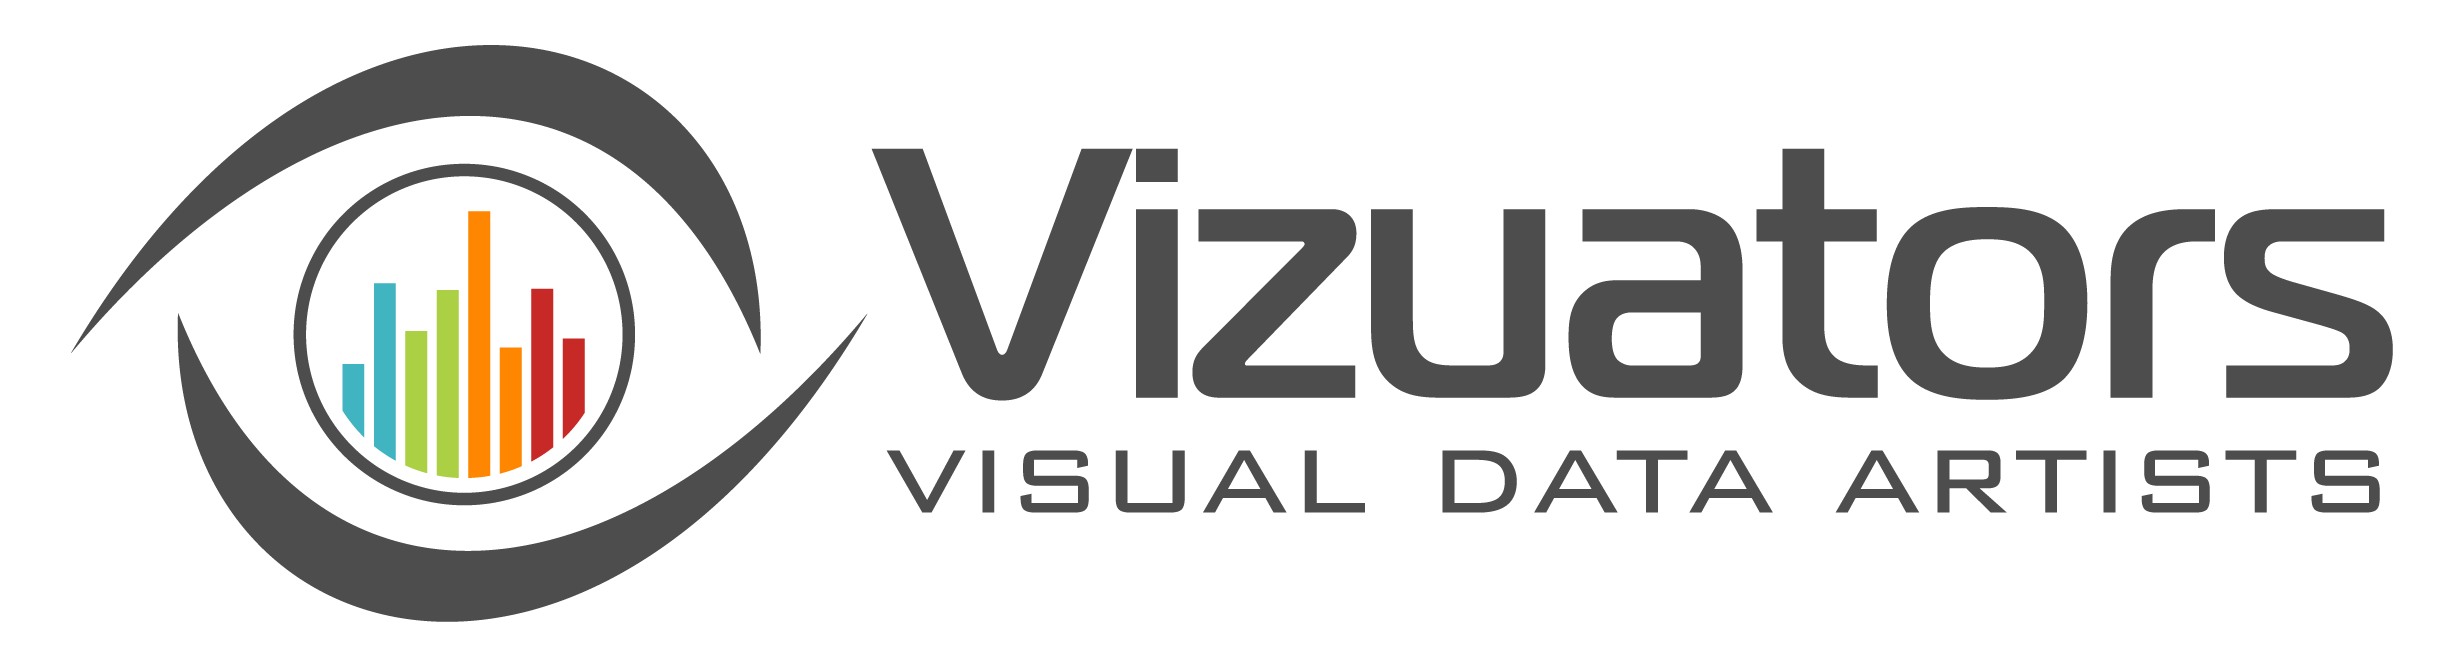 Vizuators